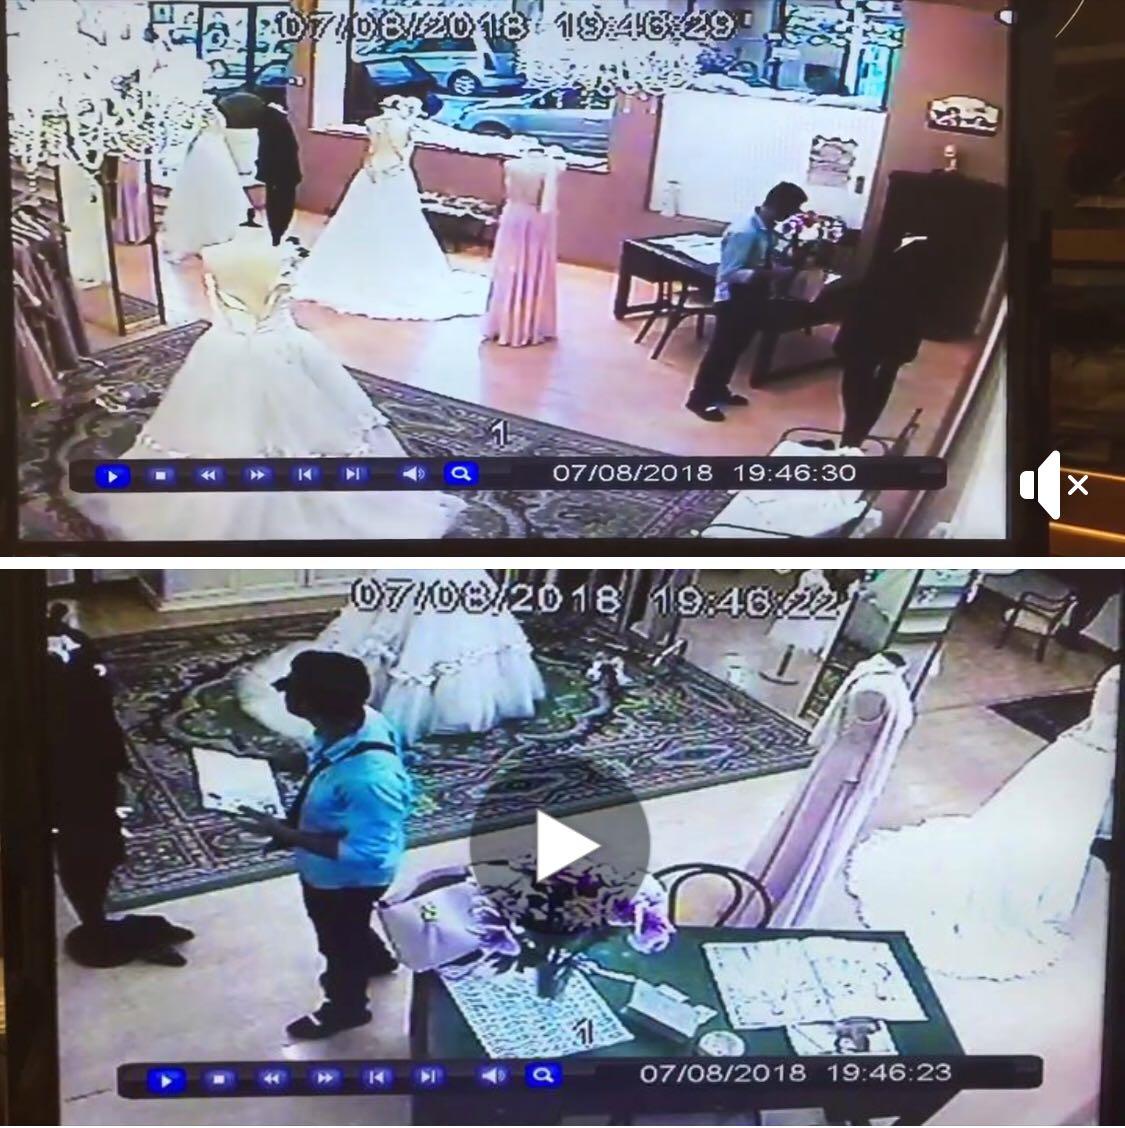 Furto in un negozio a Cefalù, un appello su Facebook (VIDEO)